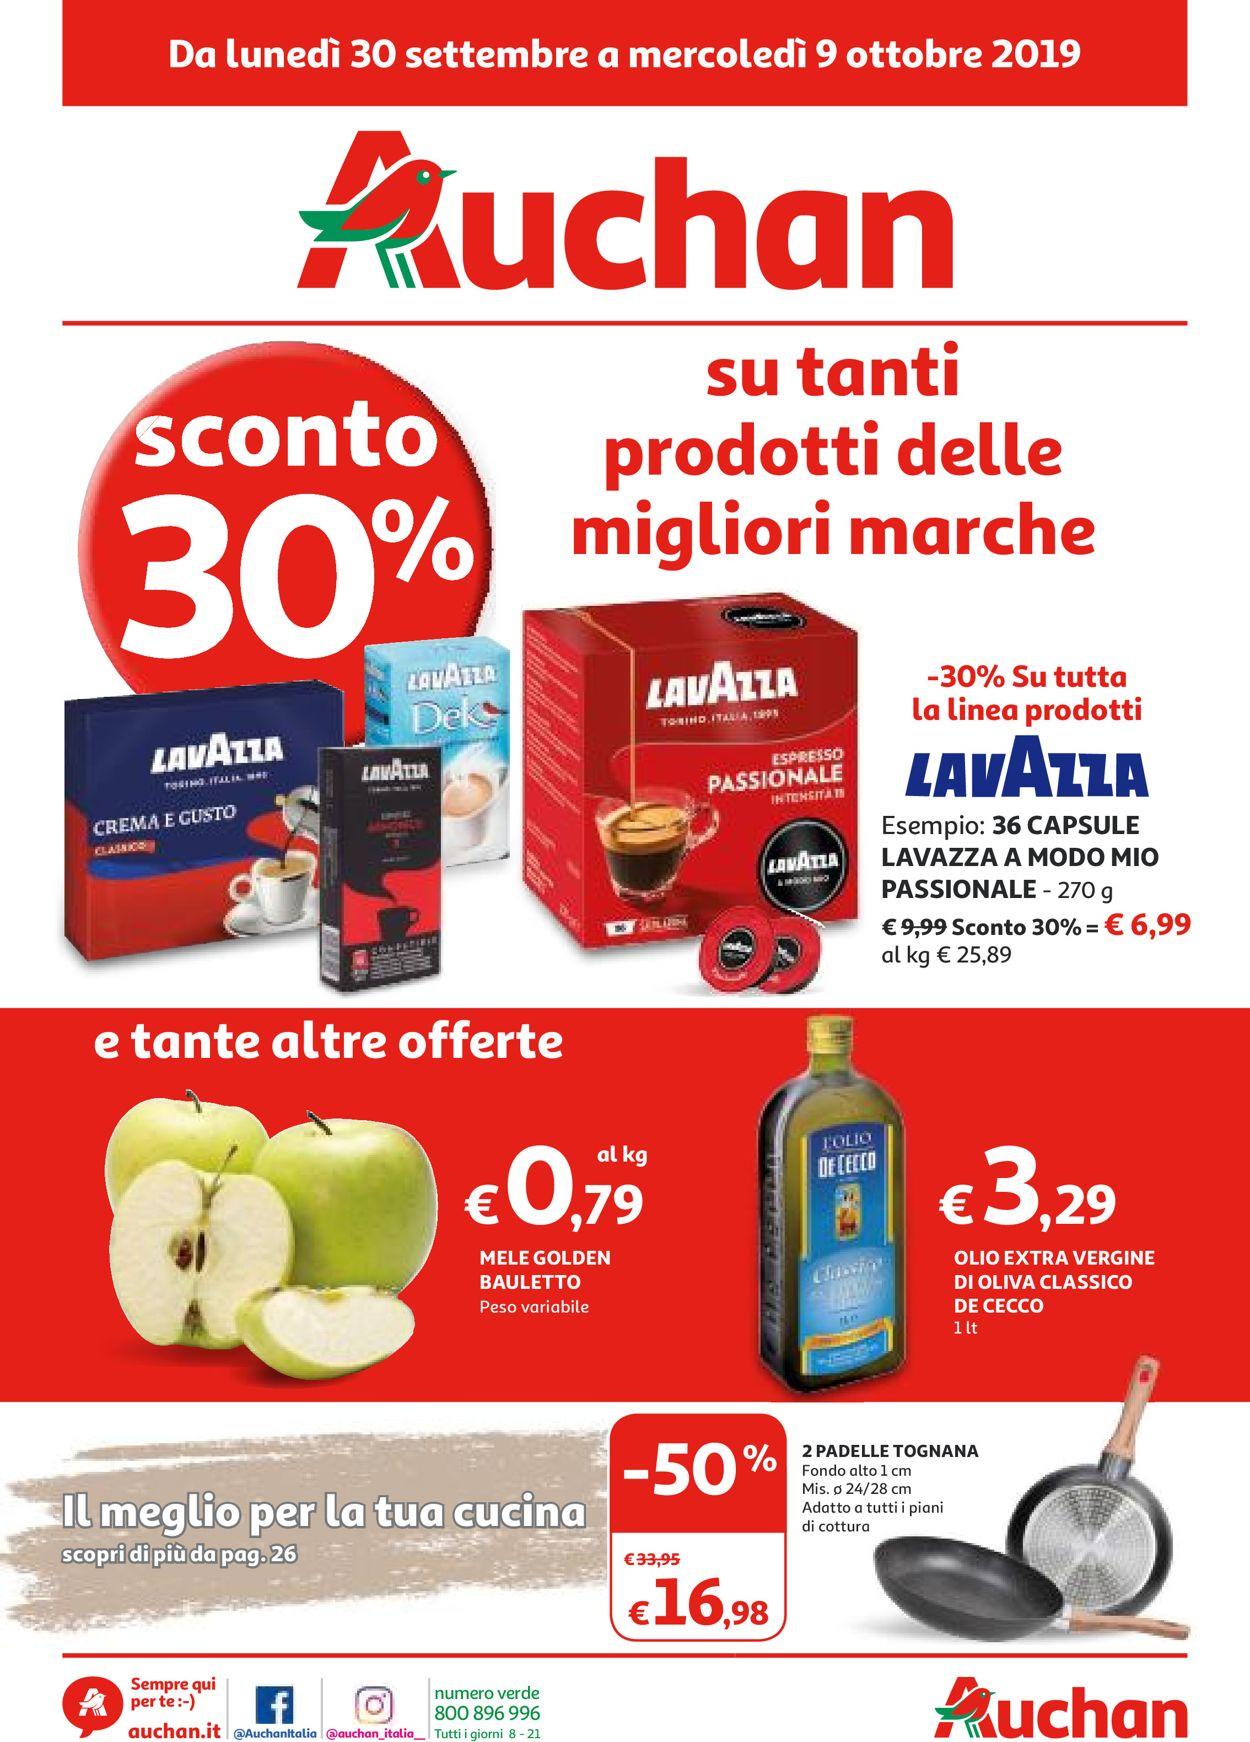 Volantino Auchan - Offerte 30/09-09/10/2019